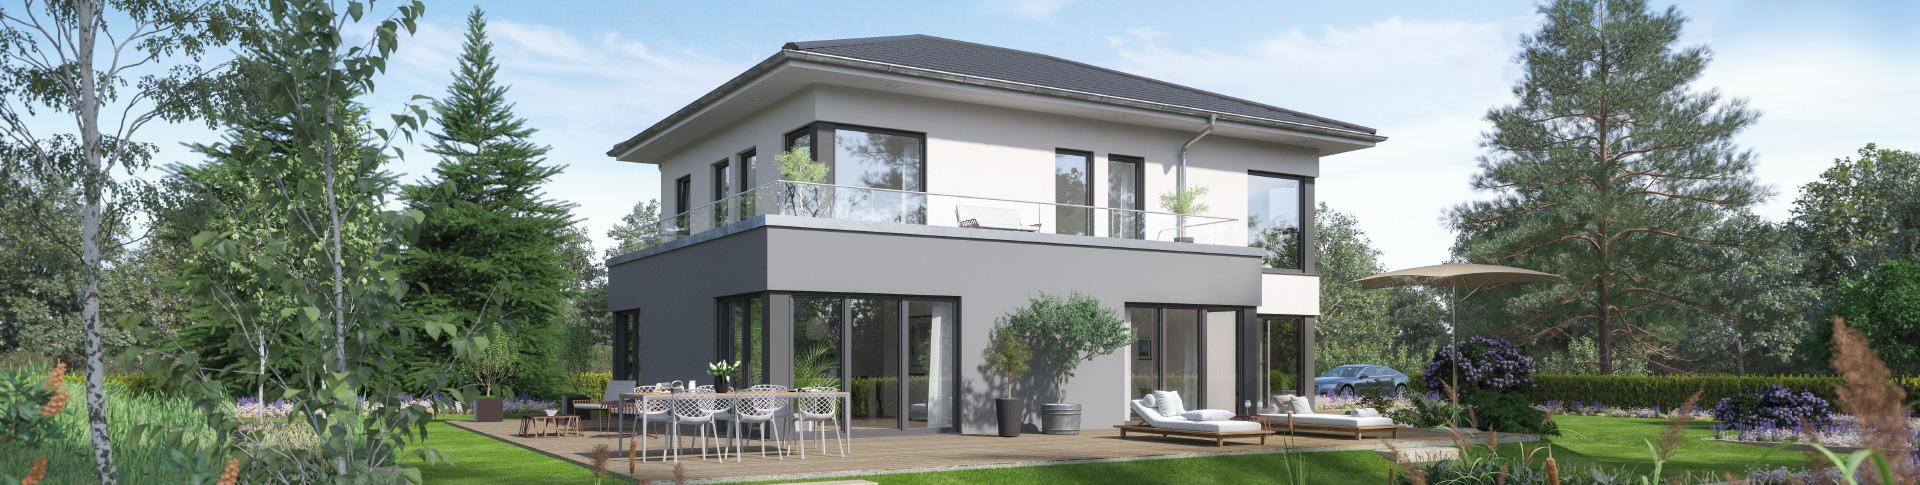 Mehrfamilienhaus Fertighaus bauen Kosten ...